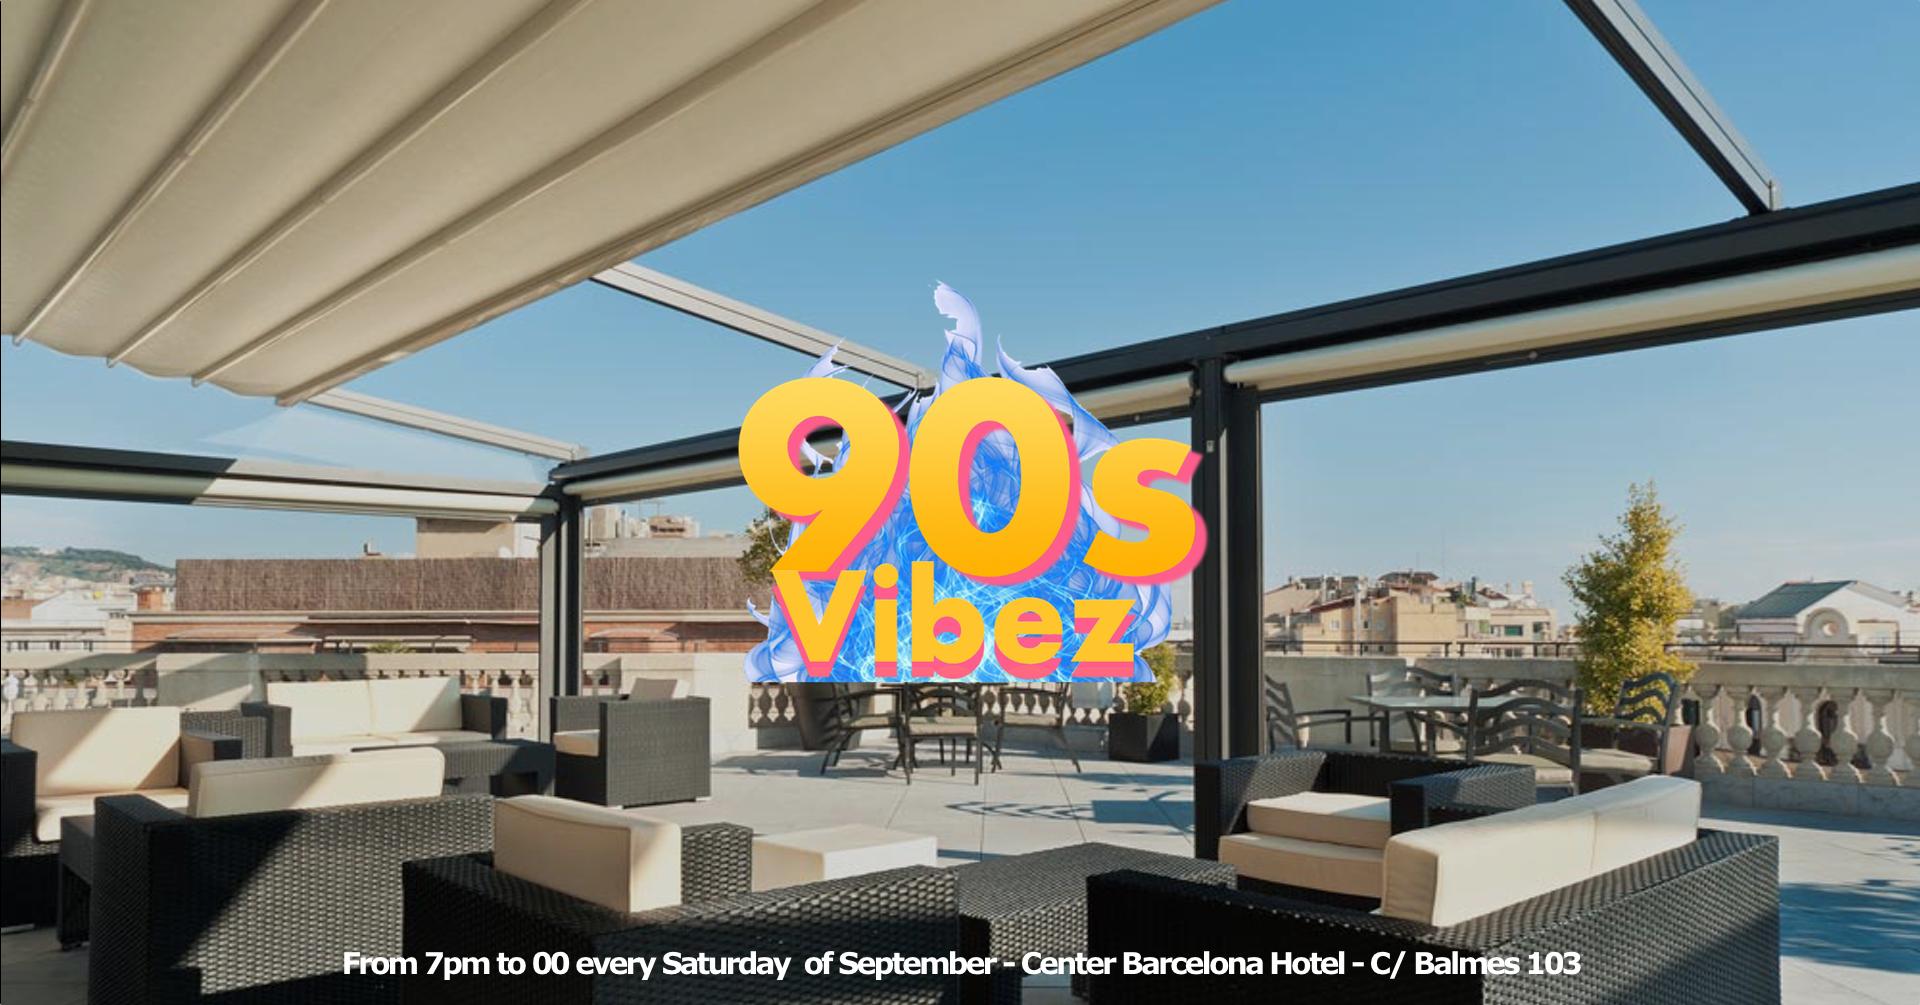 90s Vibez  - ROOFTOP EVENT